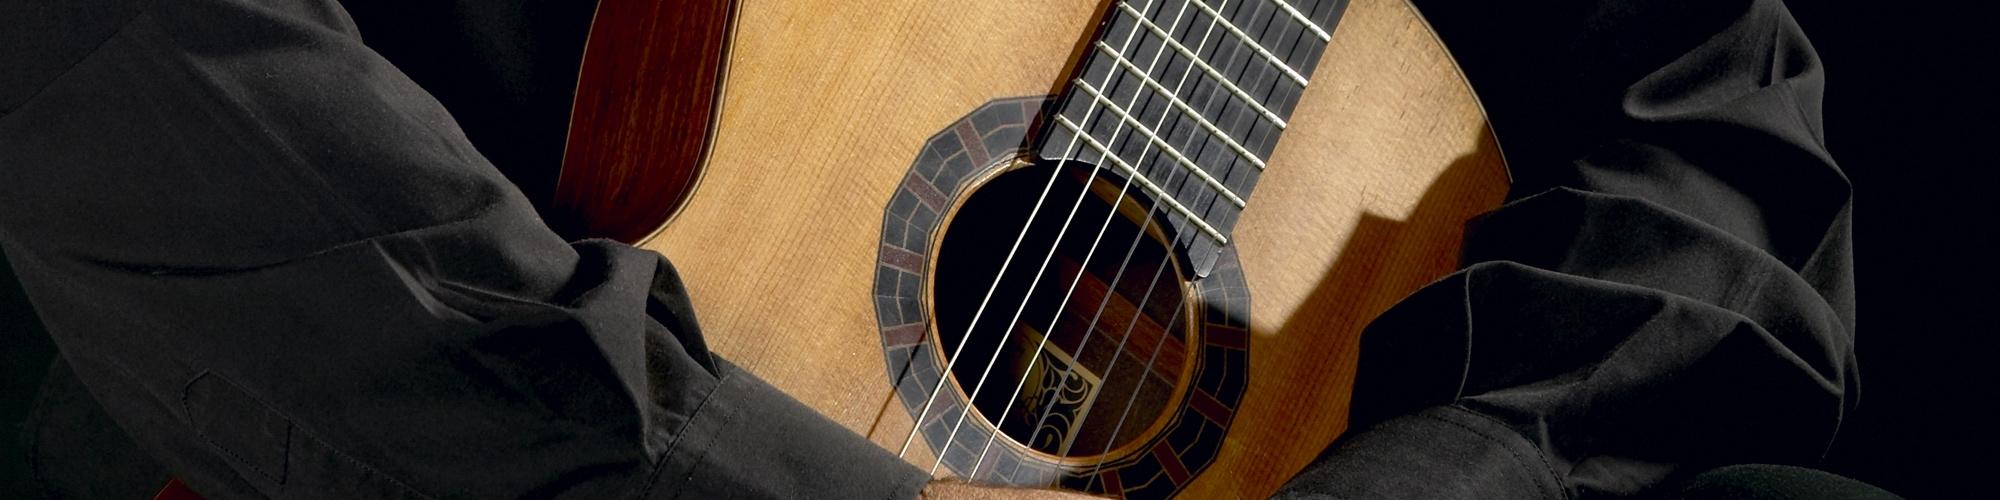 musico sosteniendo guitarra clasica